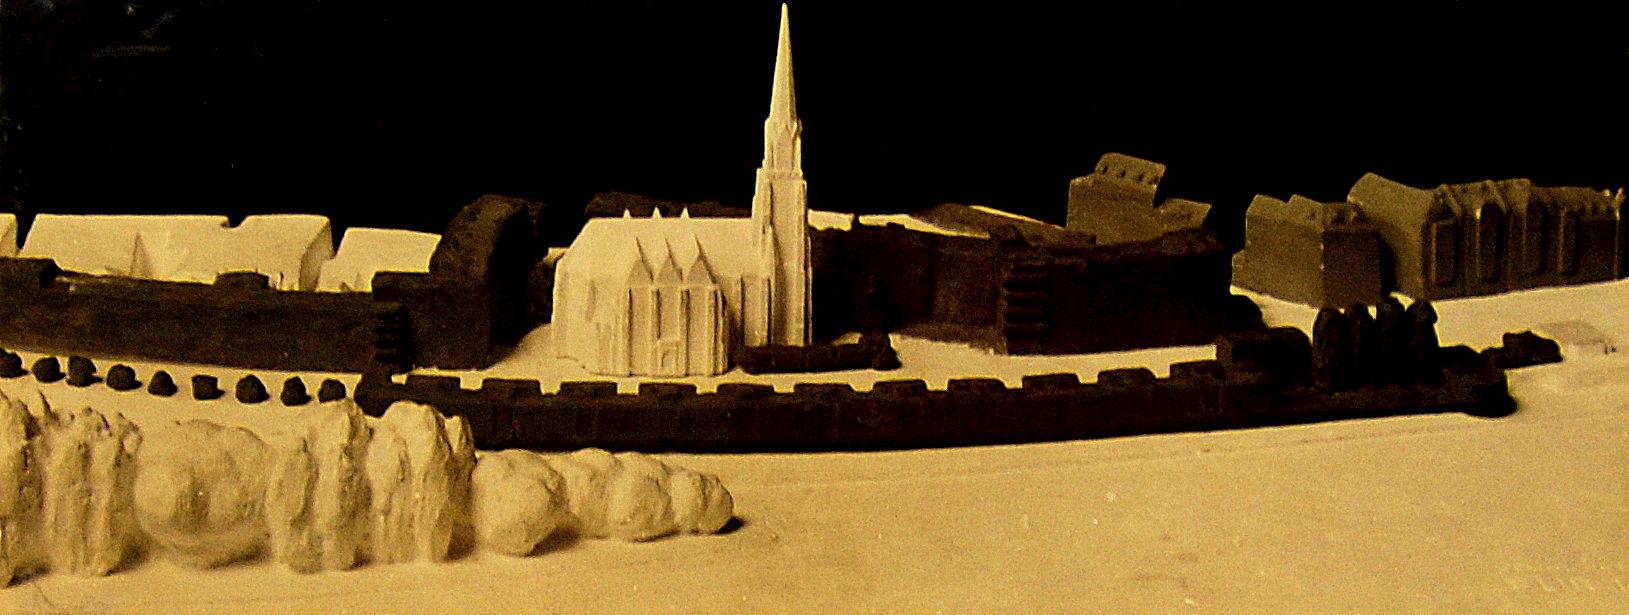 Ein Modell zur Neustrukturierung des Uferbereiches mit der Kirche und der umliegenden, neu geplanten Bebauung